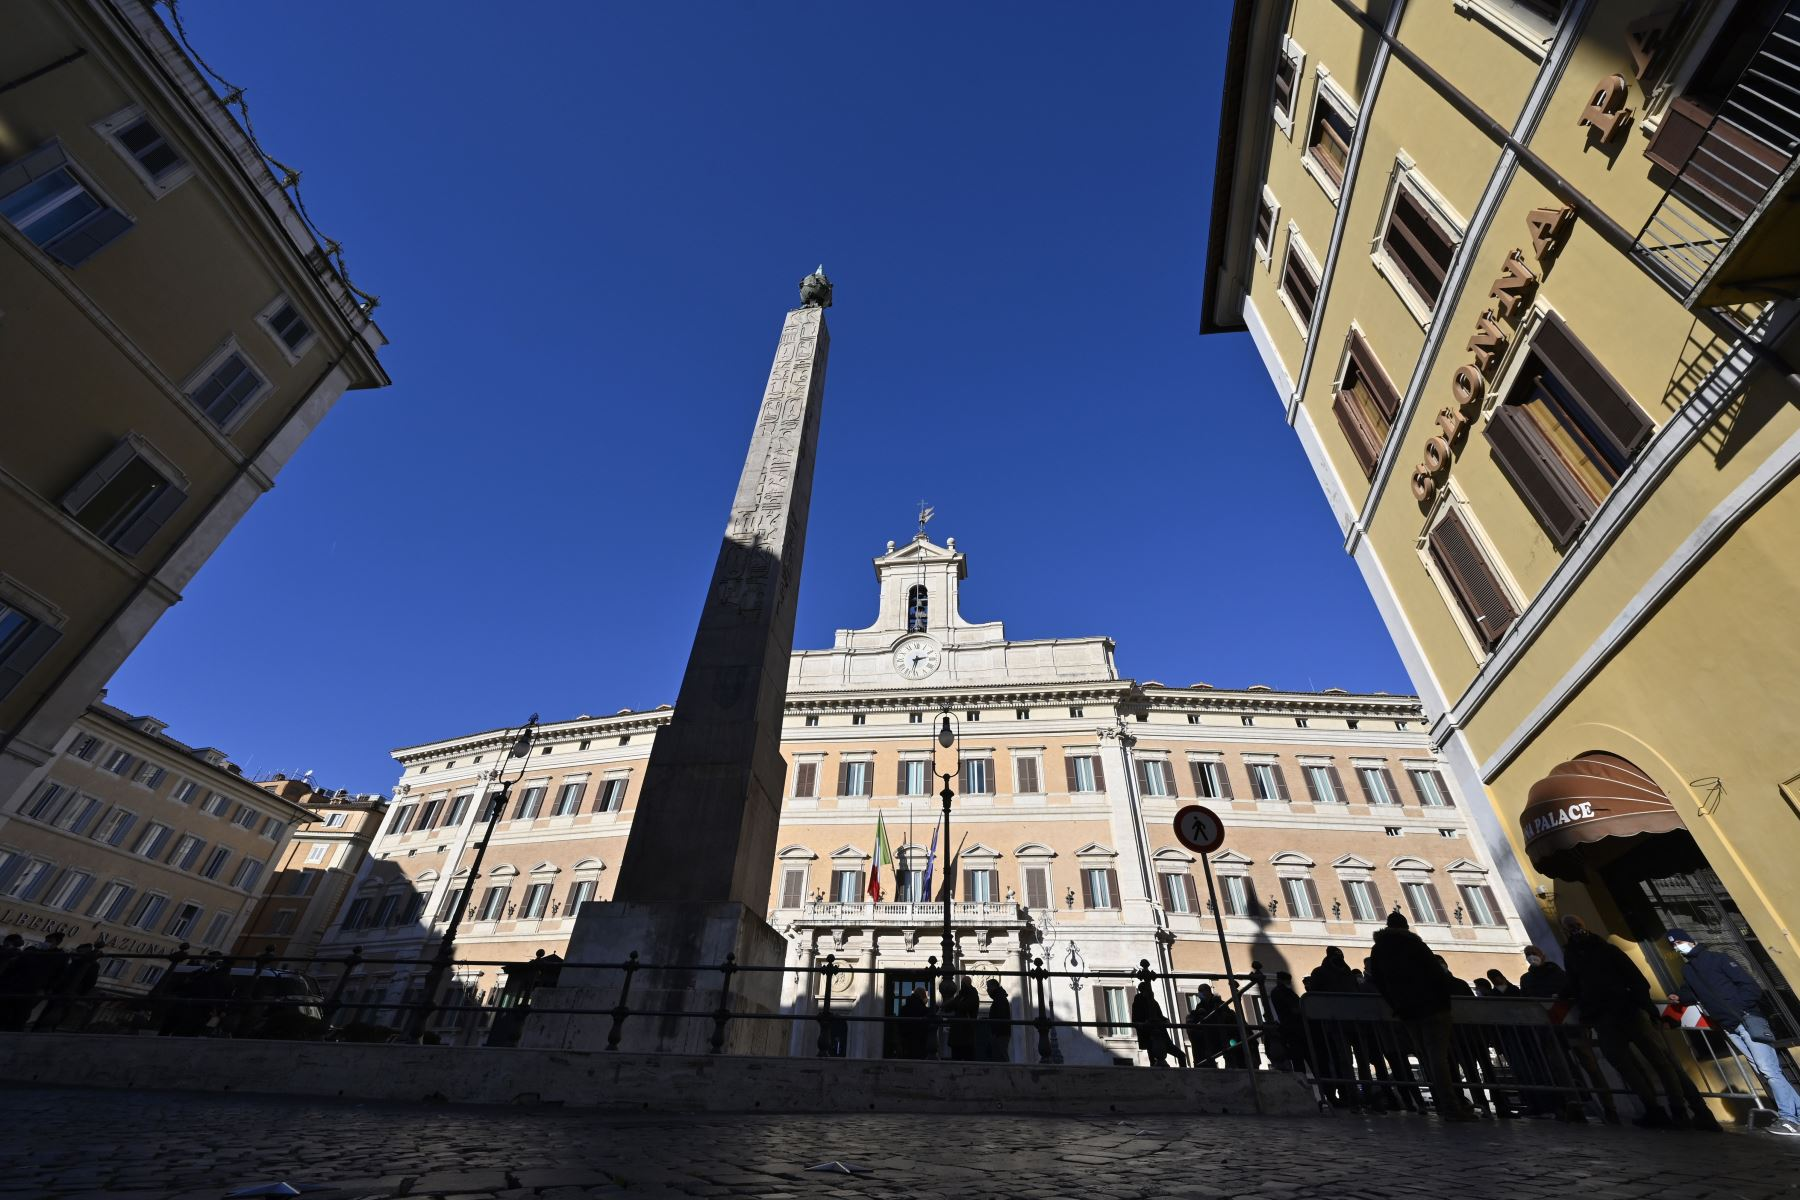 Vista general en Roma muestra el Palazzo Montecitorio, sede de la Cámara de Diputados de Italia. Foto: AFP